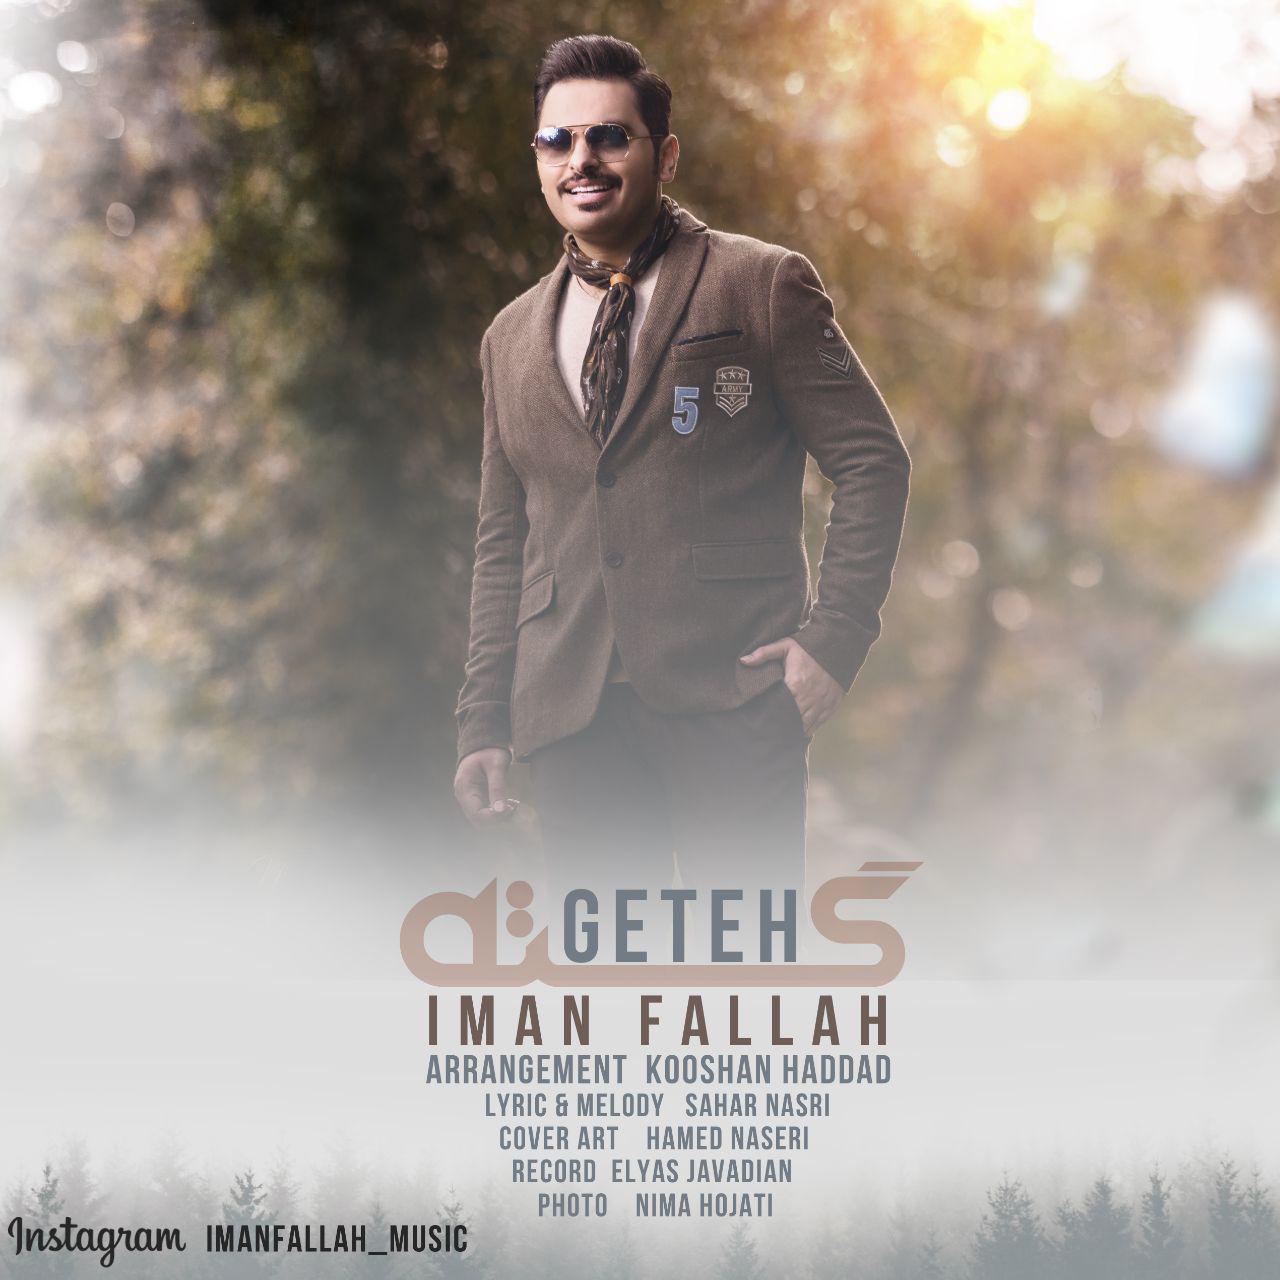 Iman Fallah – Geteh